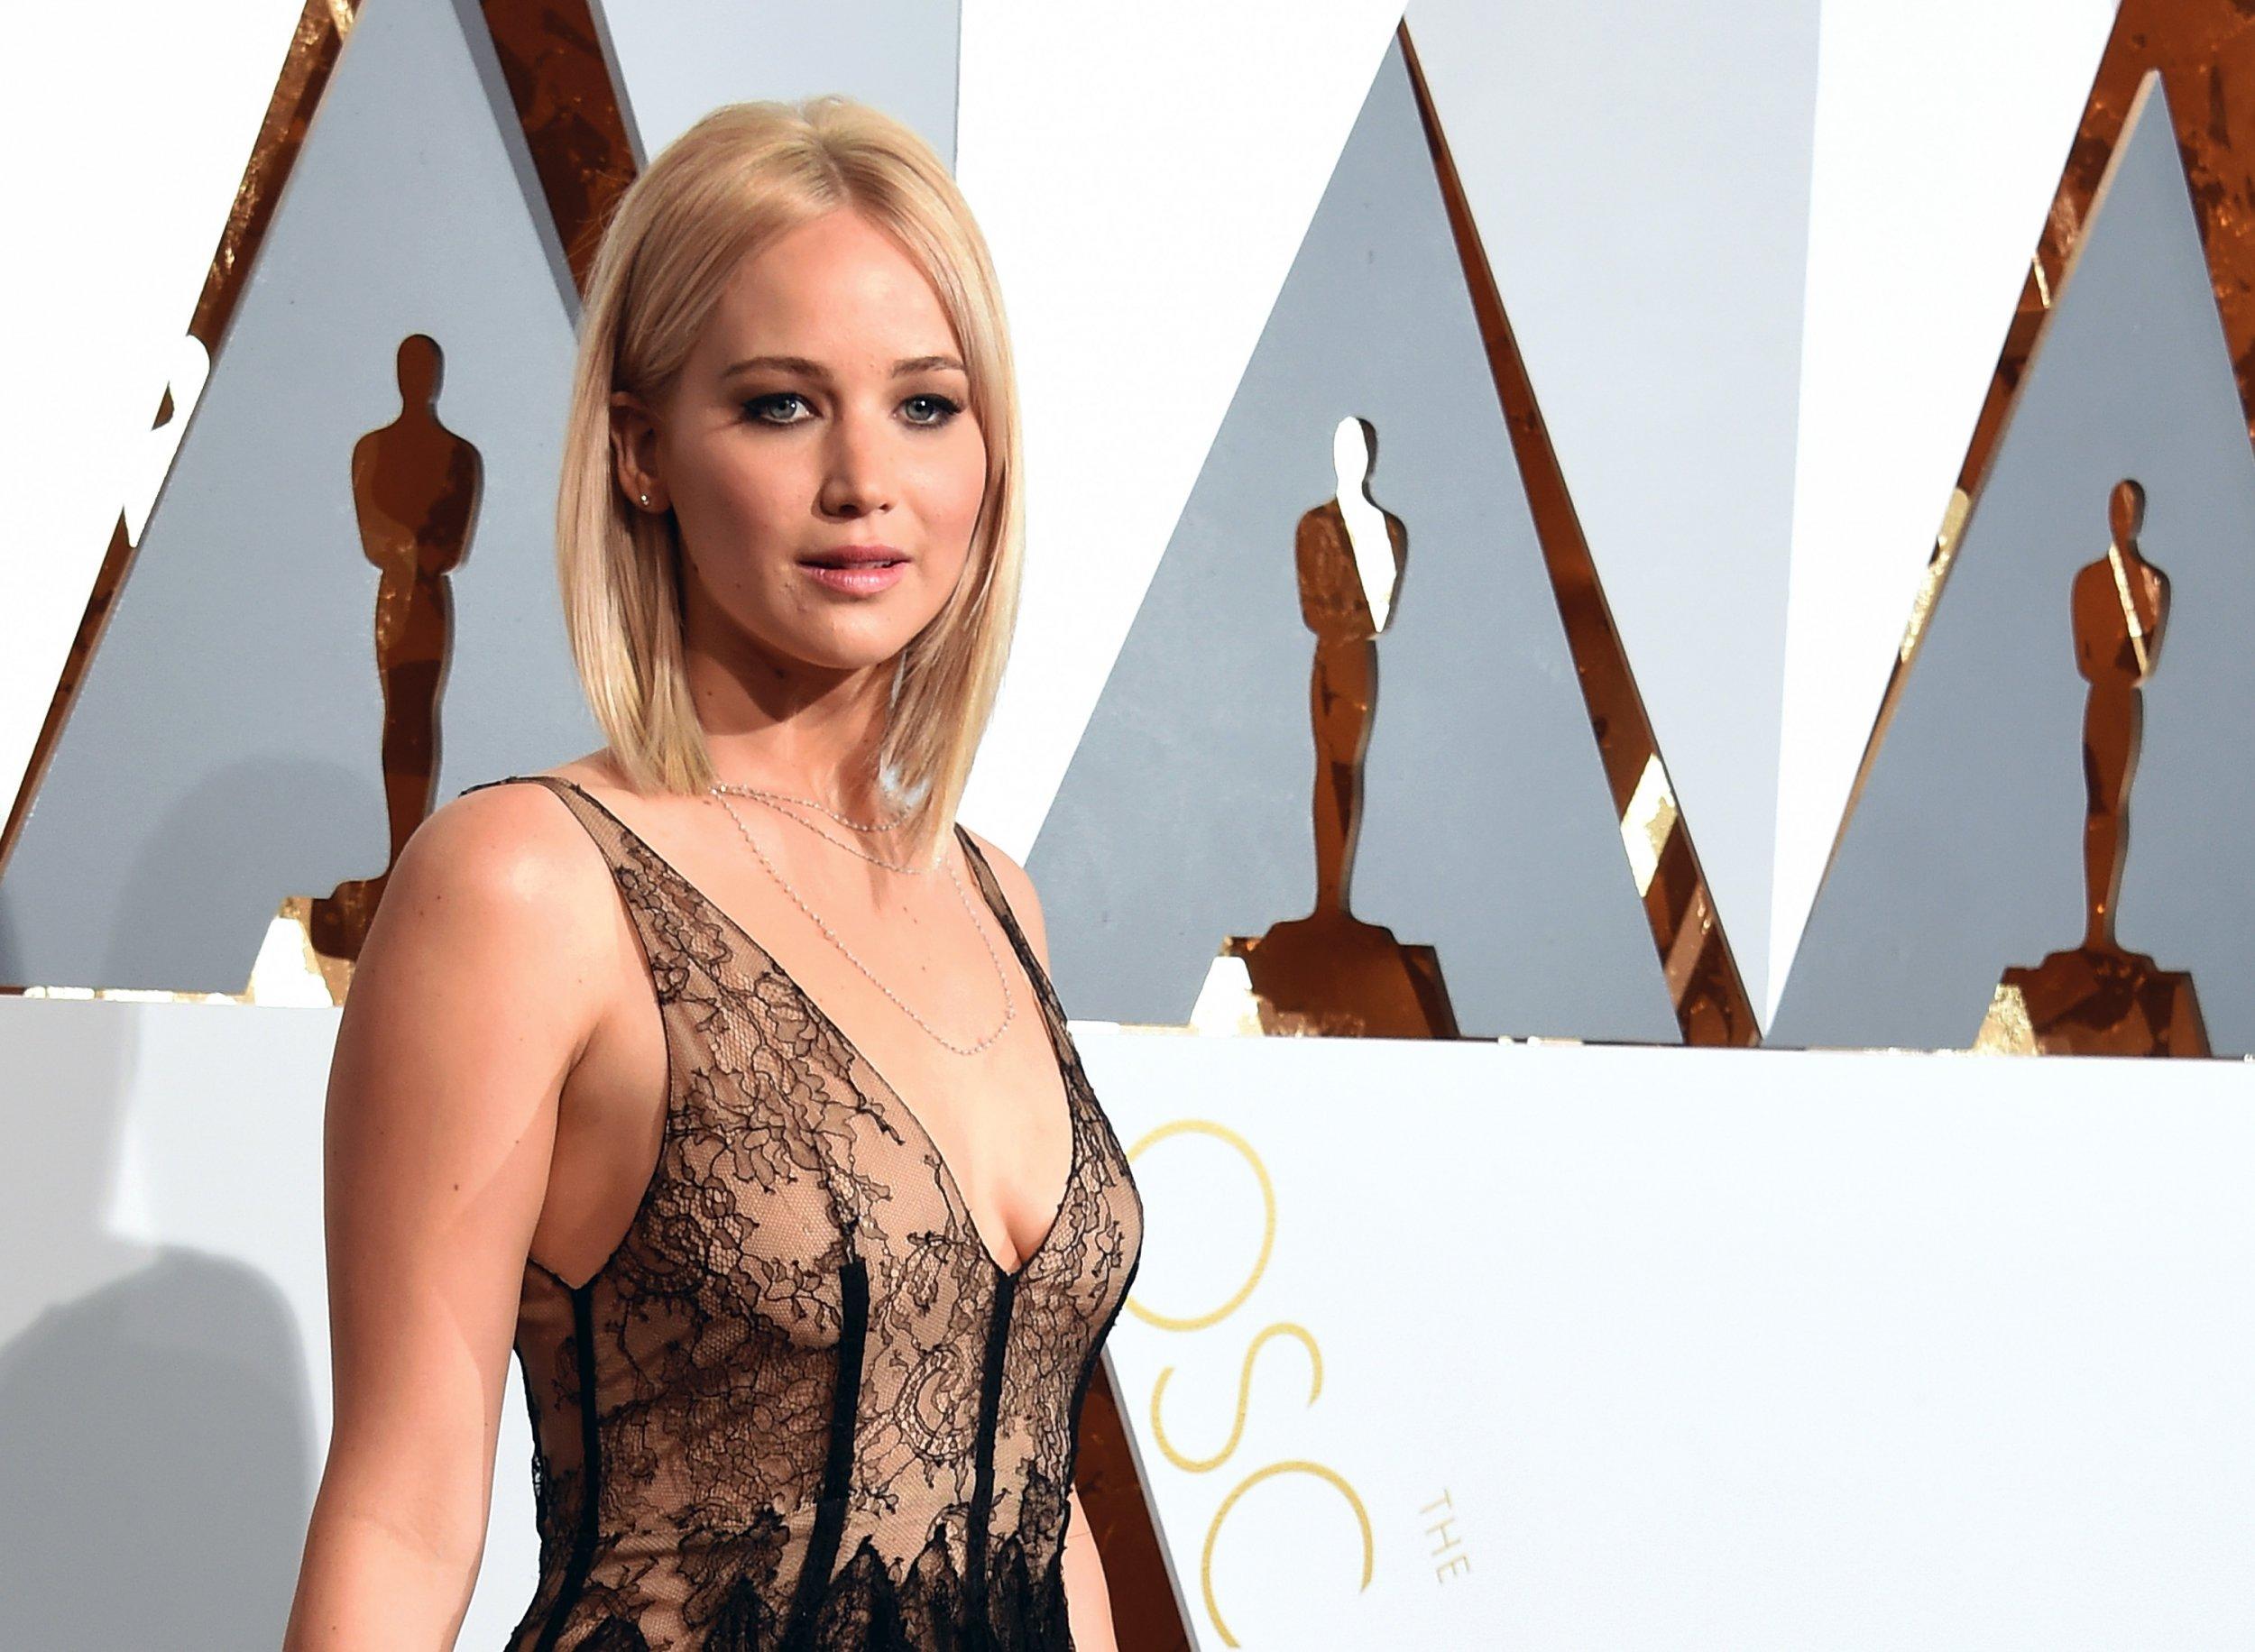 Jennifer Lawrence at the Oscars 2016